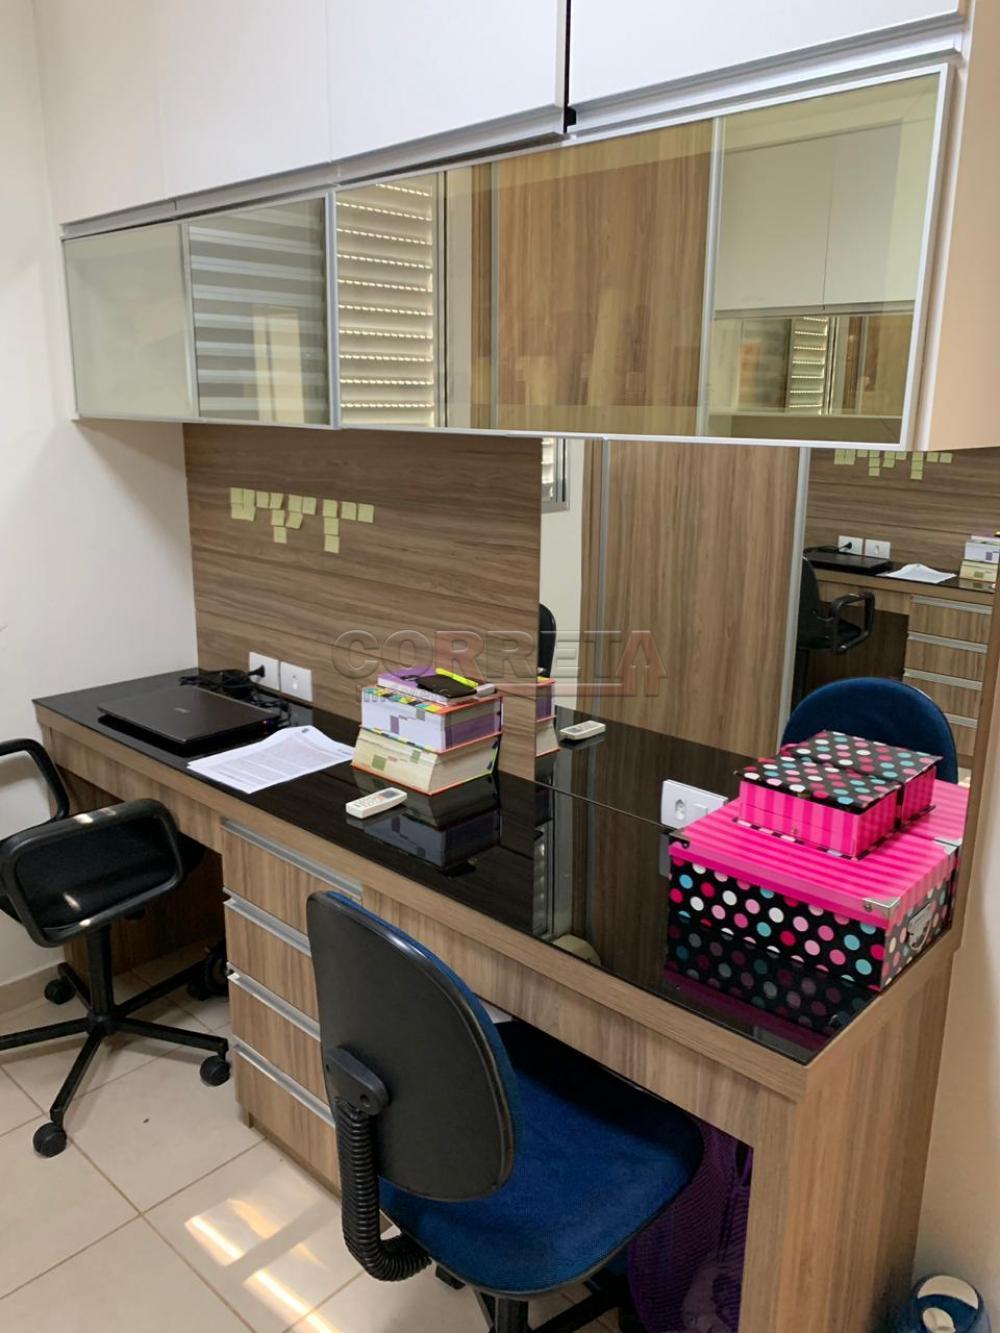 Comprar Apartamento / Padrão em Araçatuba R$ 185.000,00 - Foto 16